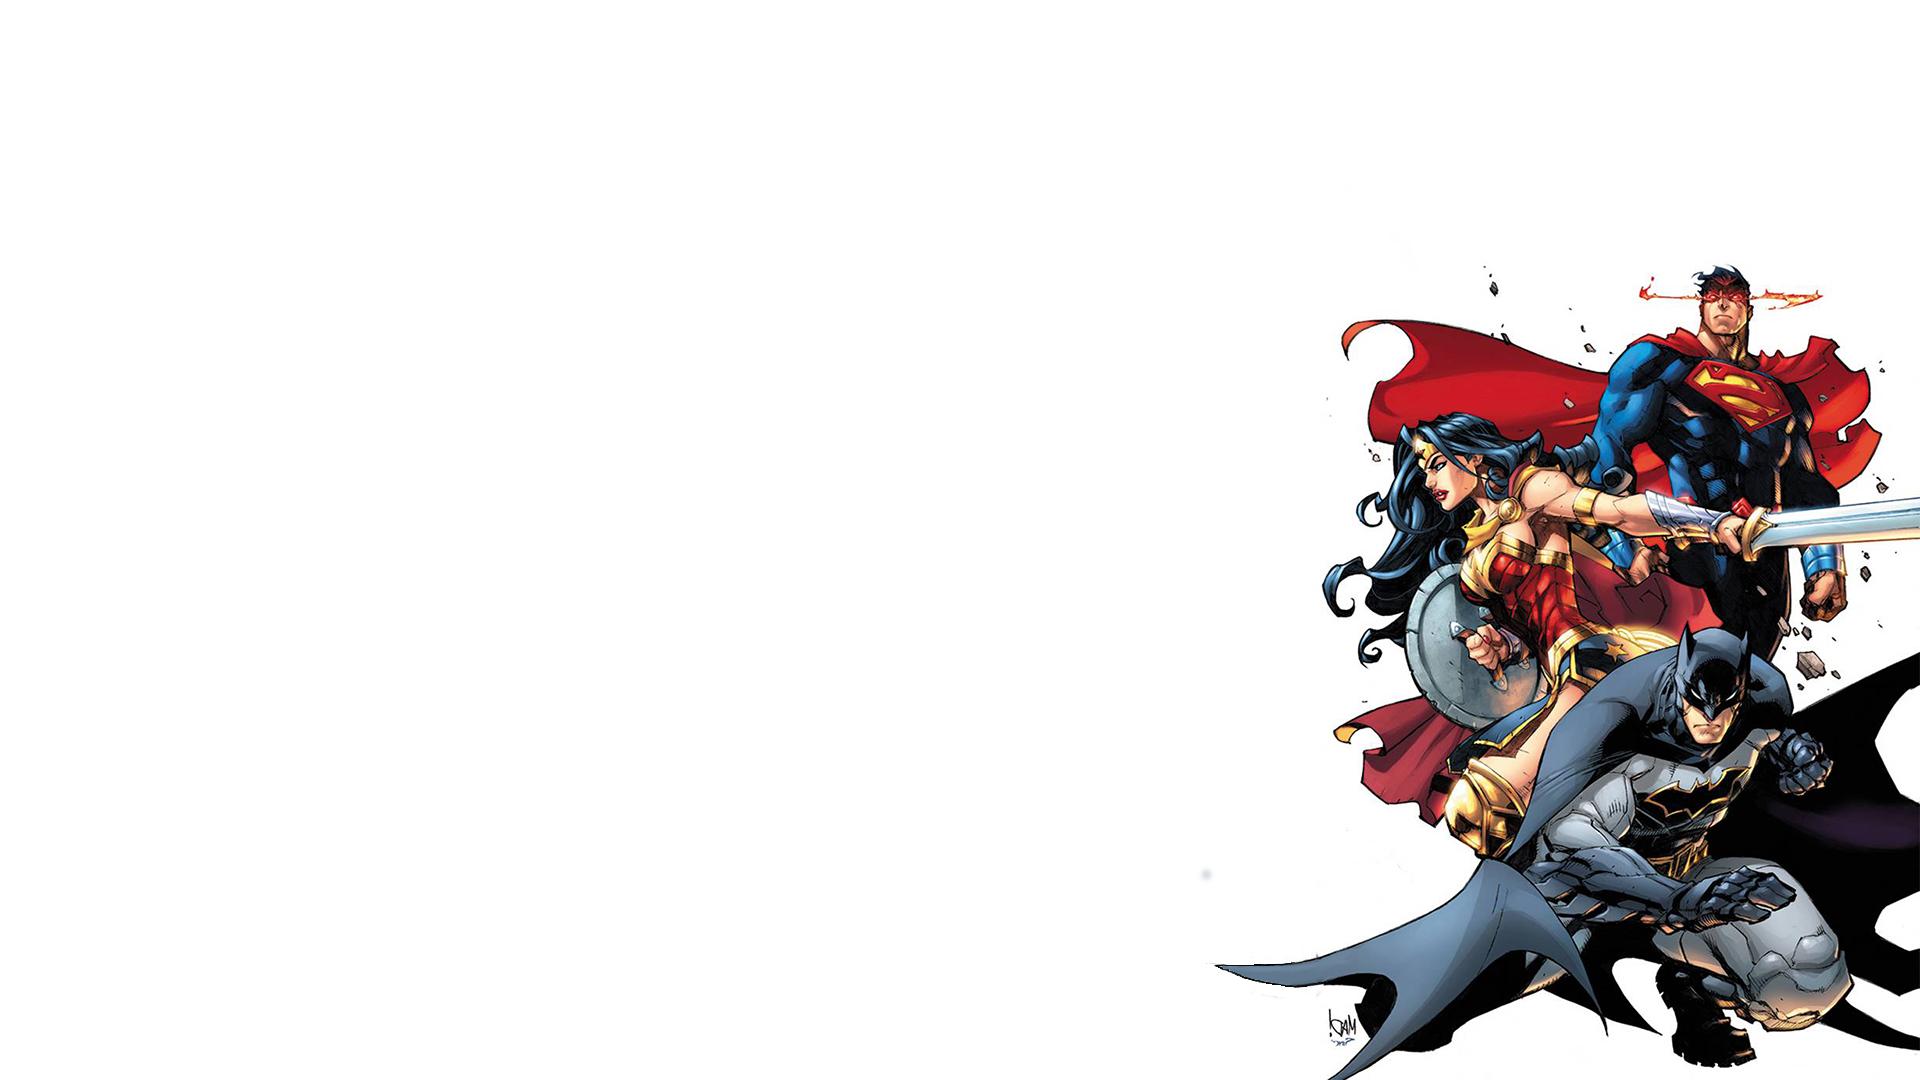 Chia sẻ 100 ảnh nền PC Full HD theo phong cách tối giản dành cho fan của Vũ trụ DC